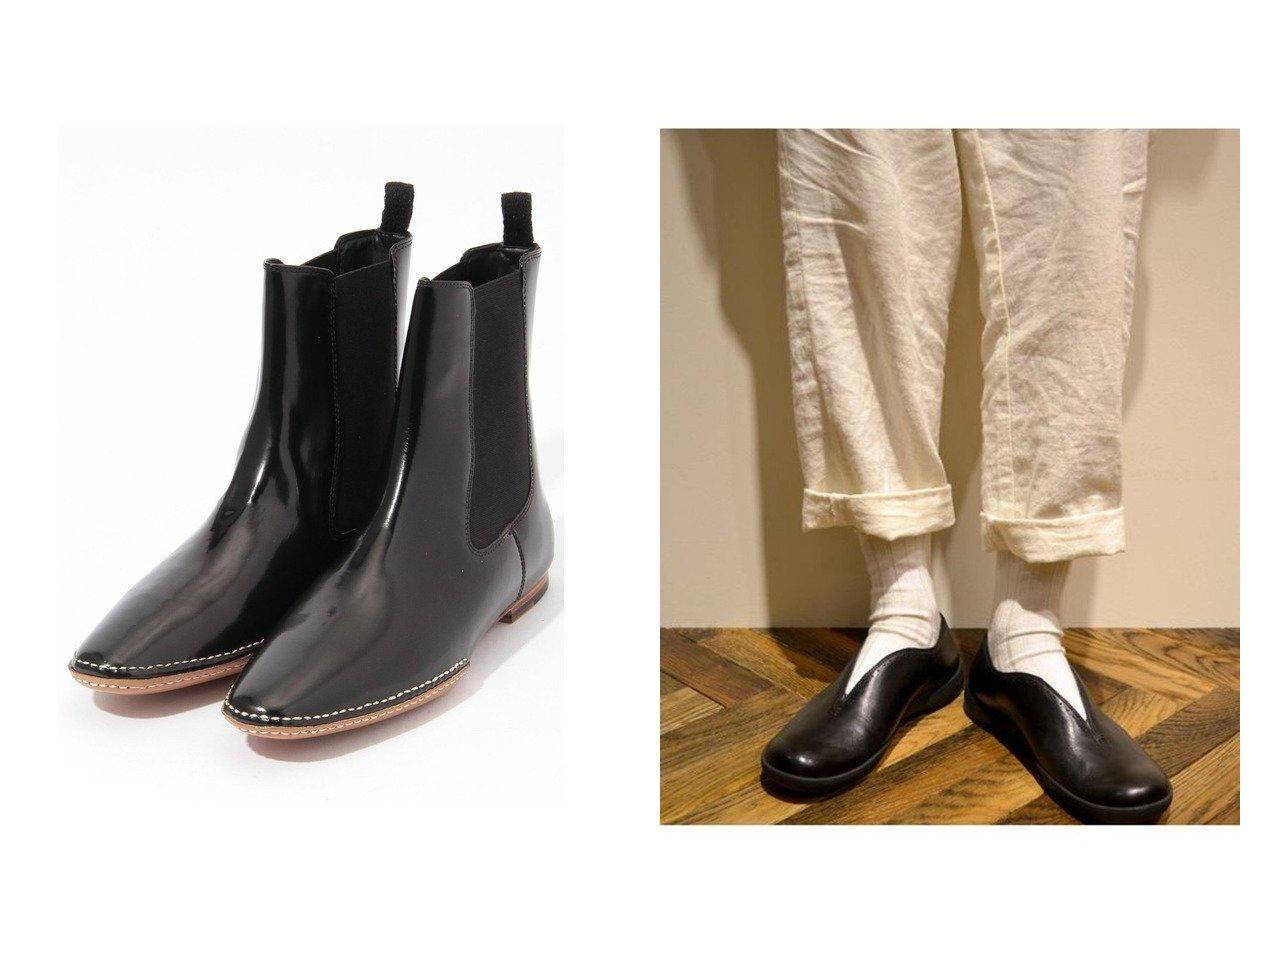 【DES PRES / TOMORROWLAND/デプレ】のDES PRES チェルシーブーツ&【CAMPER/カンペール】の[カンペール] パンプス プレーントゥ フラットヒール 1.9cmヒール シューズ・靴のおすすめ!人気トレンド・レディースファッションの通販 おすすめで人気のファッション通販商品 インテリア・家具・キッズファッション・メンズファッション・レディースファッション・服の通販 founy(ファニー) https://founy.com/ ファッション Fashion レディース WOMEN ガラス シューズ ショート ワーク クッション シンプル フィット フォルム フラット ベーシック 厚底 |ID:crp329100000007278